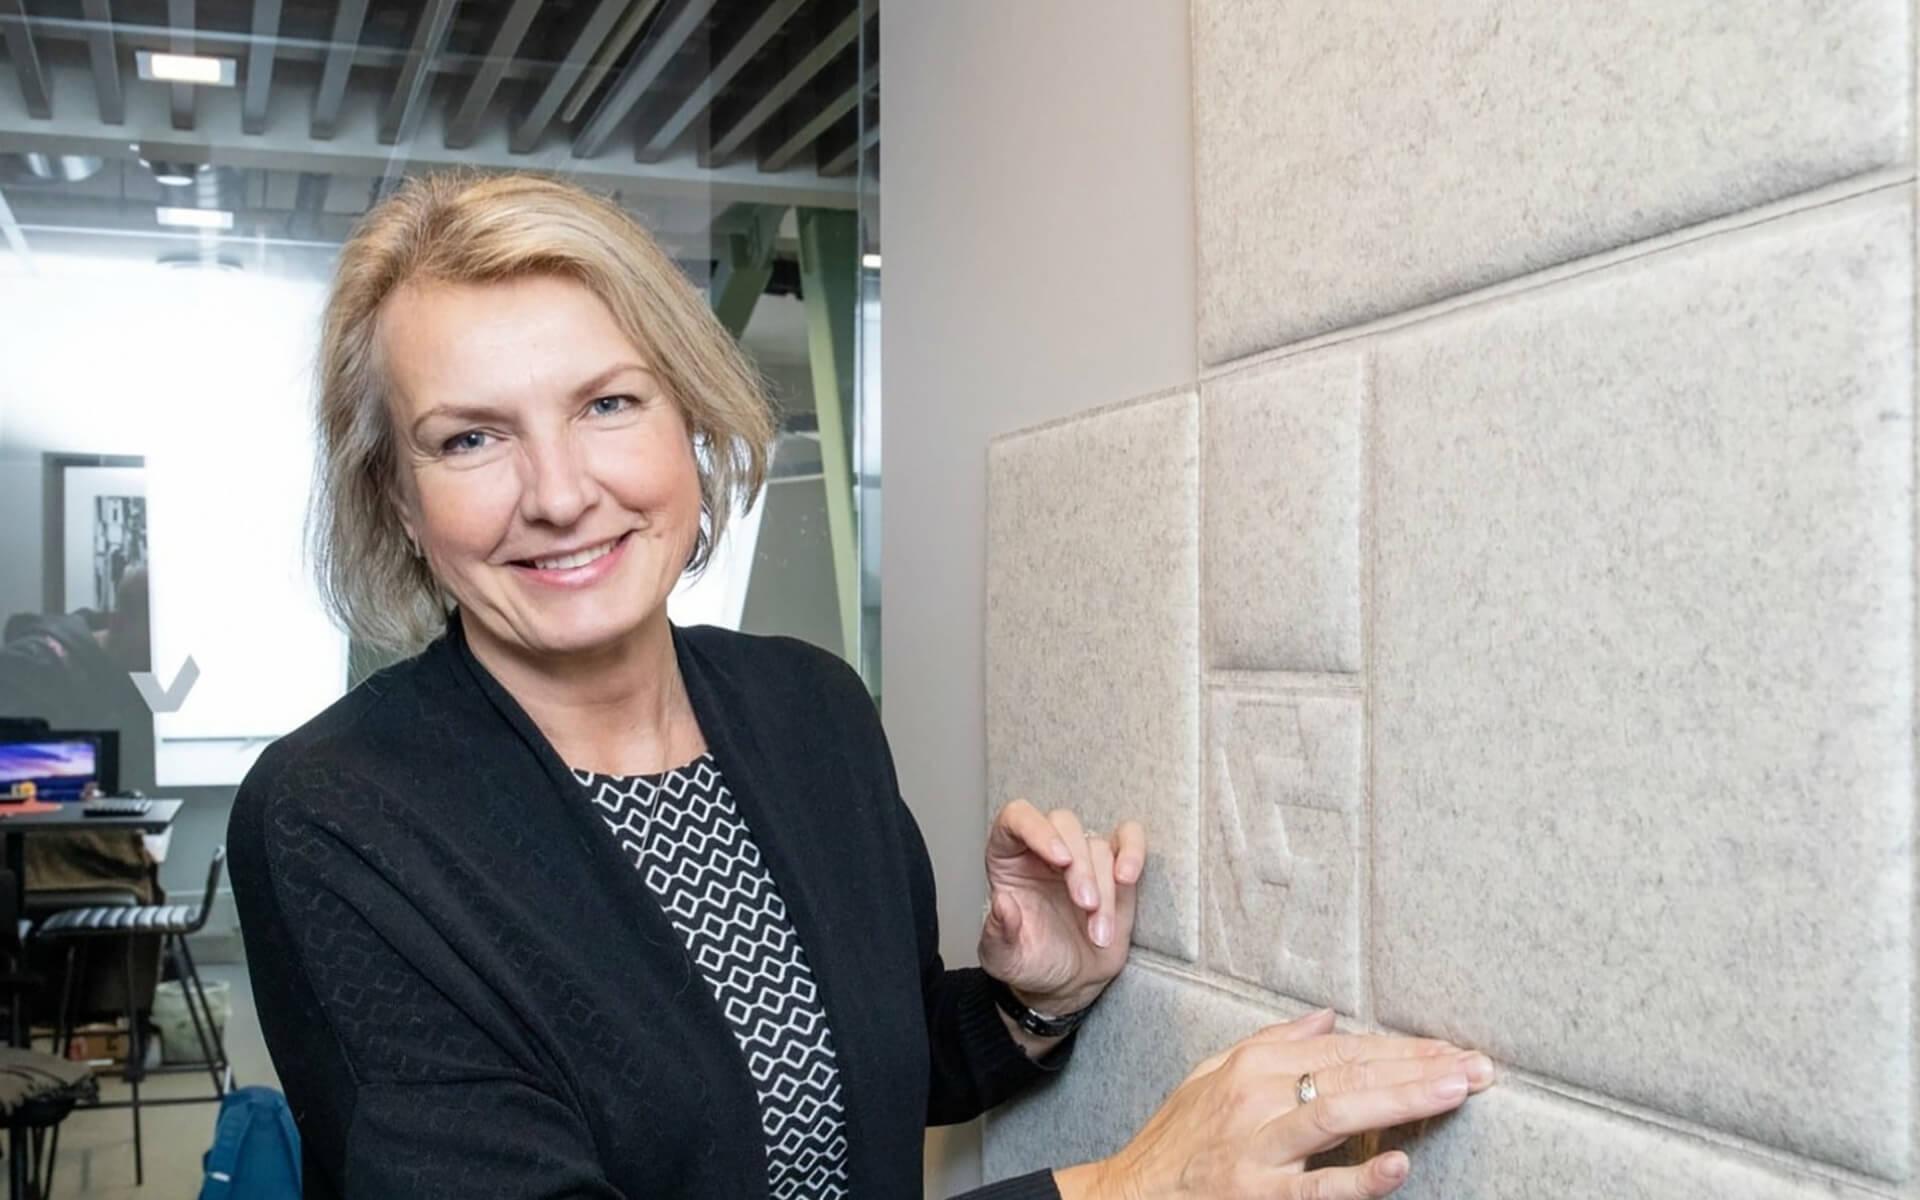 Artikkel Eesti Päevalehes Mis juhtus lambavillaga Eestis visatakse 90% villa ära või maetakse maha - Katrin Kabun